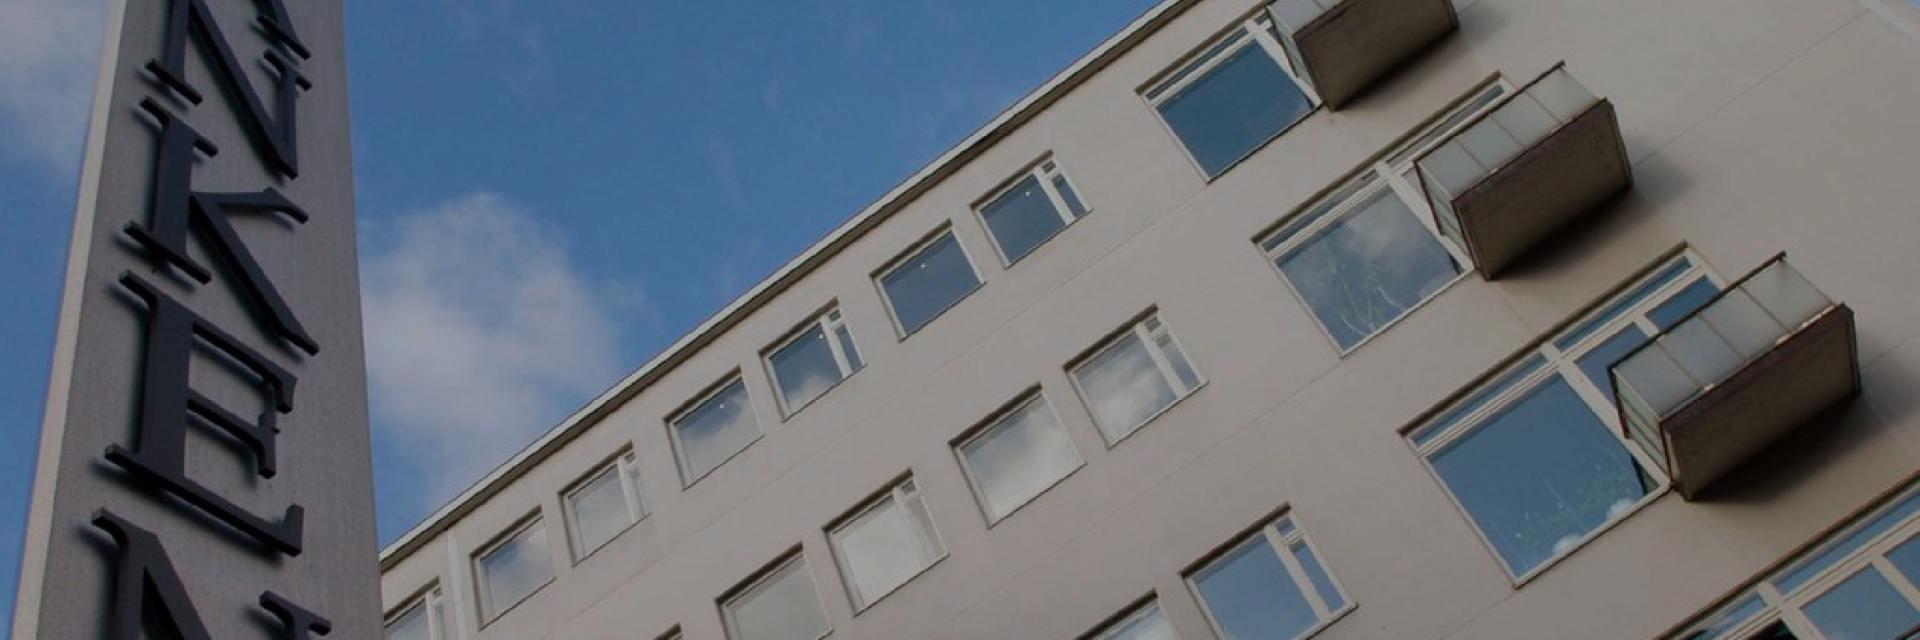 Hanken School of Economics